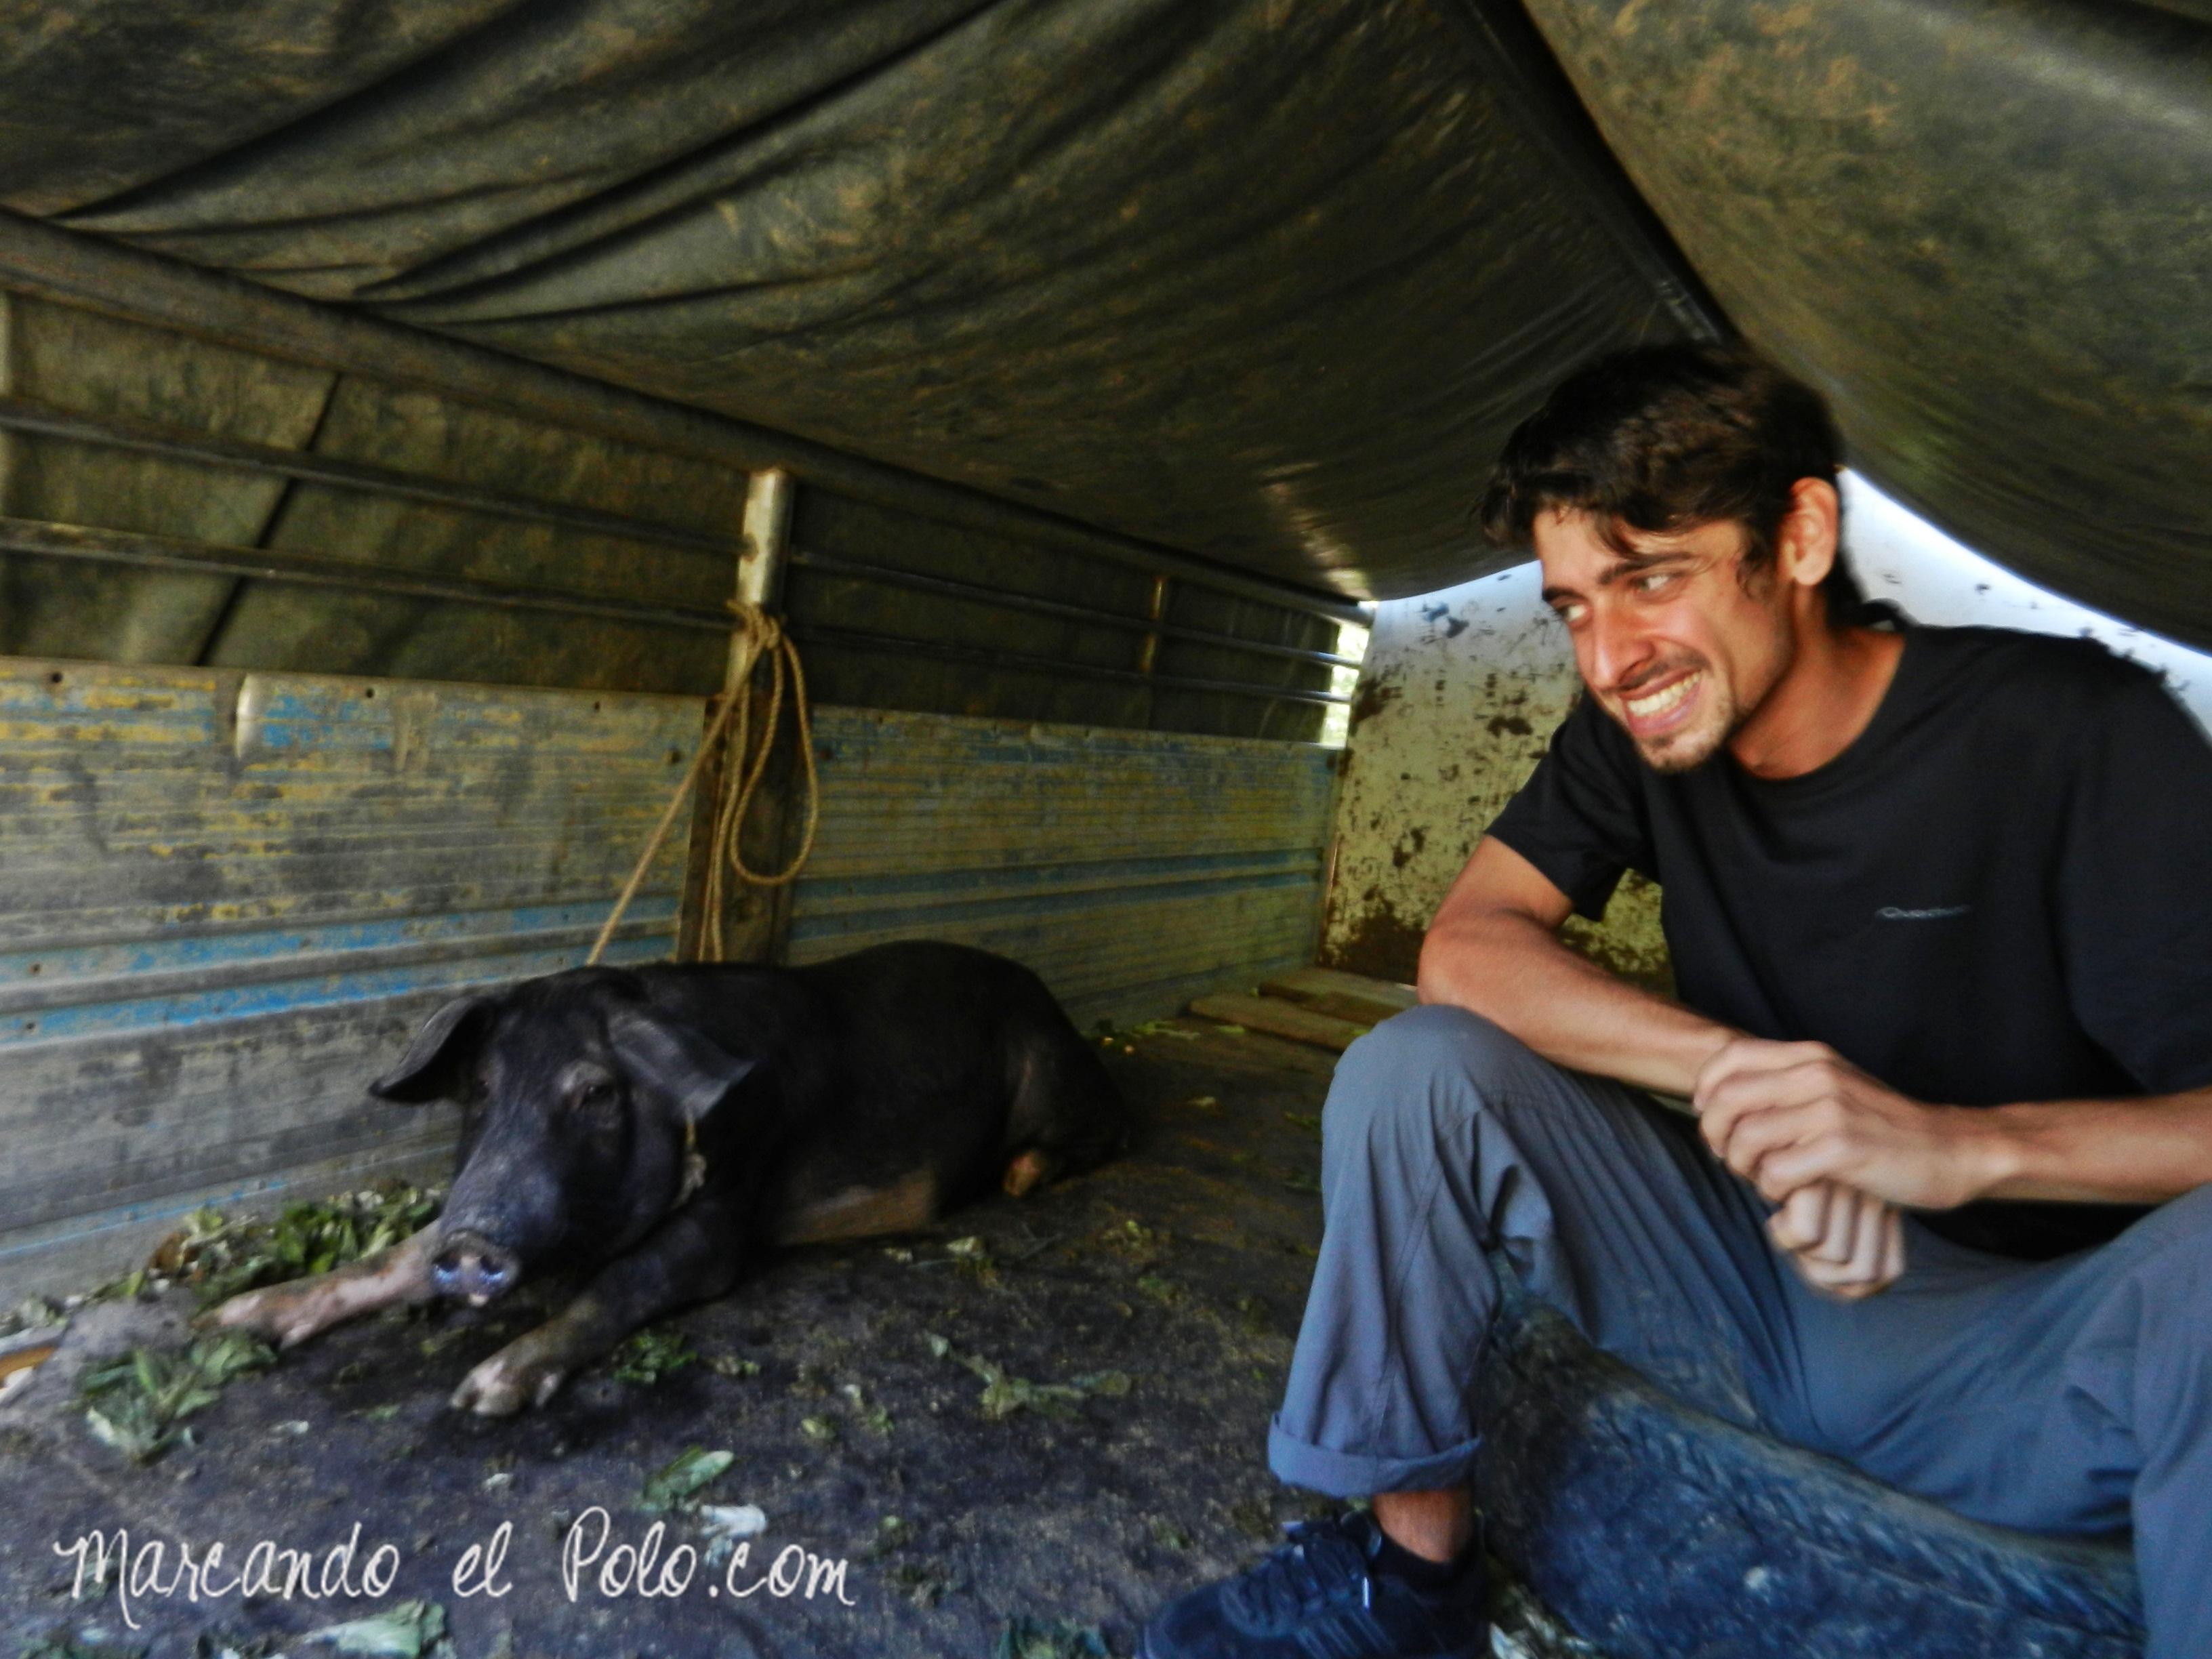 Viajar a dedo en Filipinas: viajando con un chancho